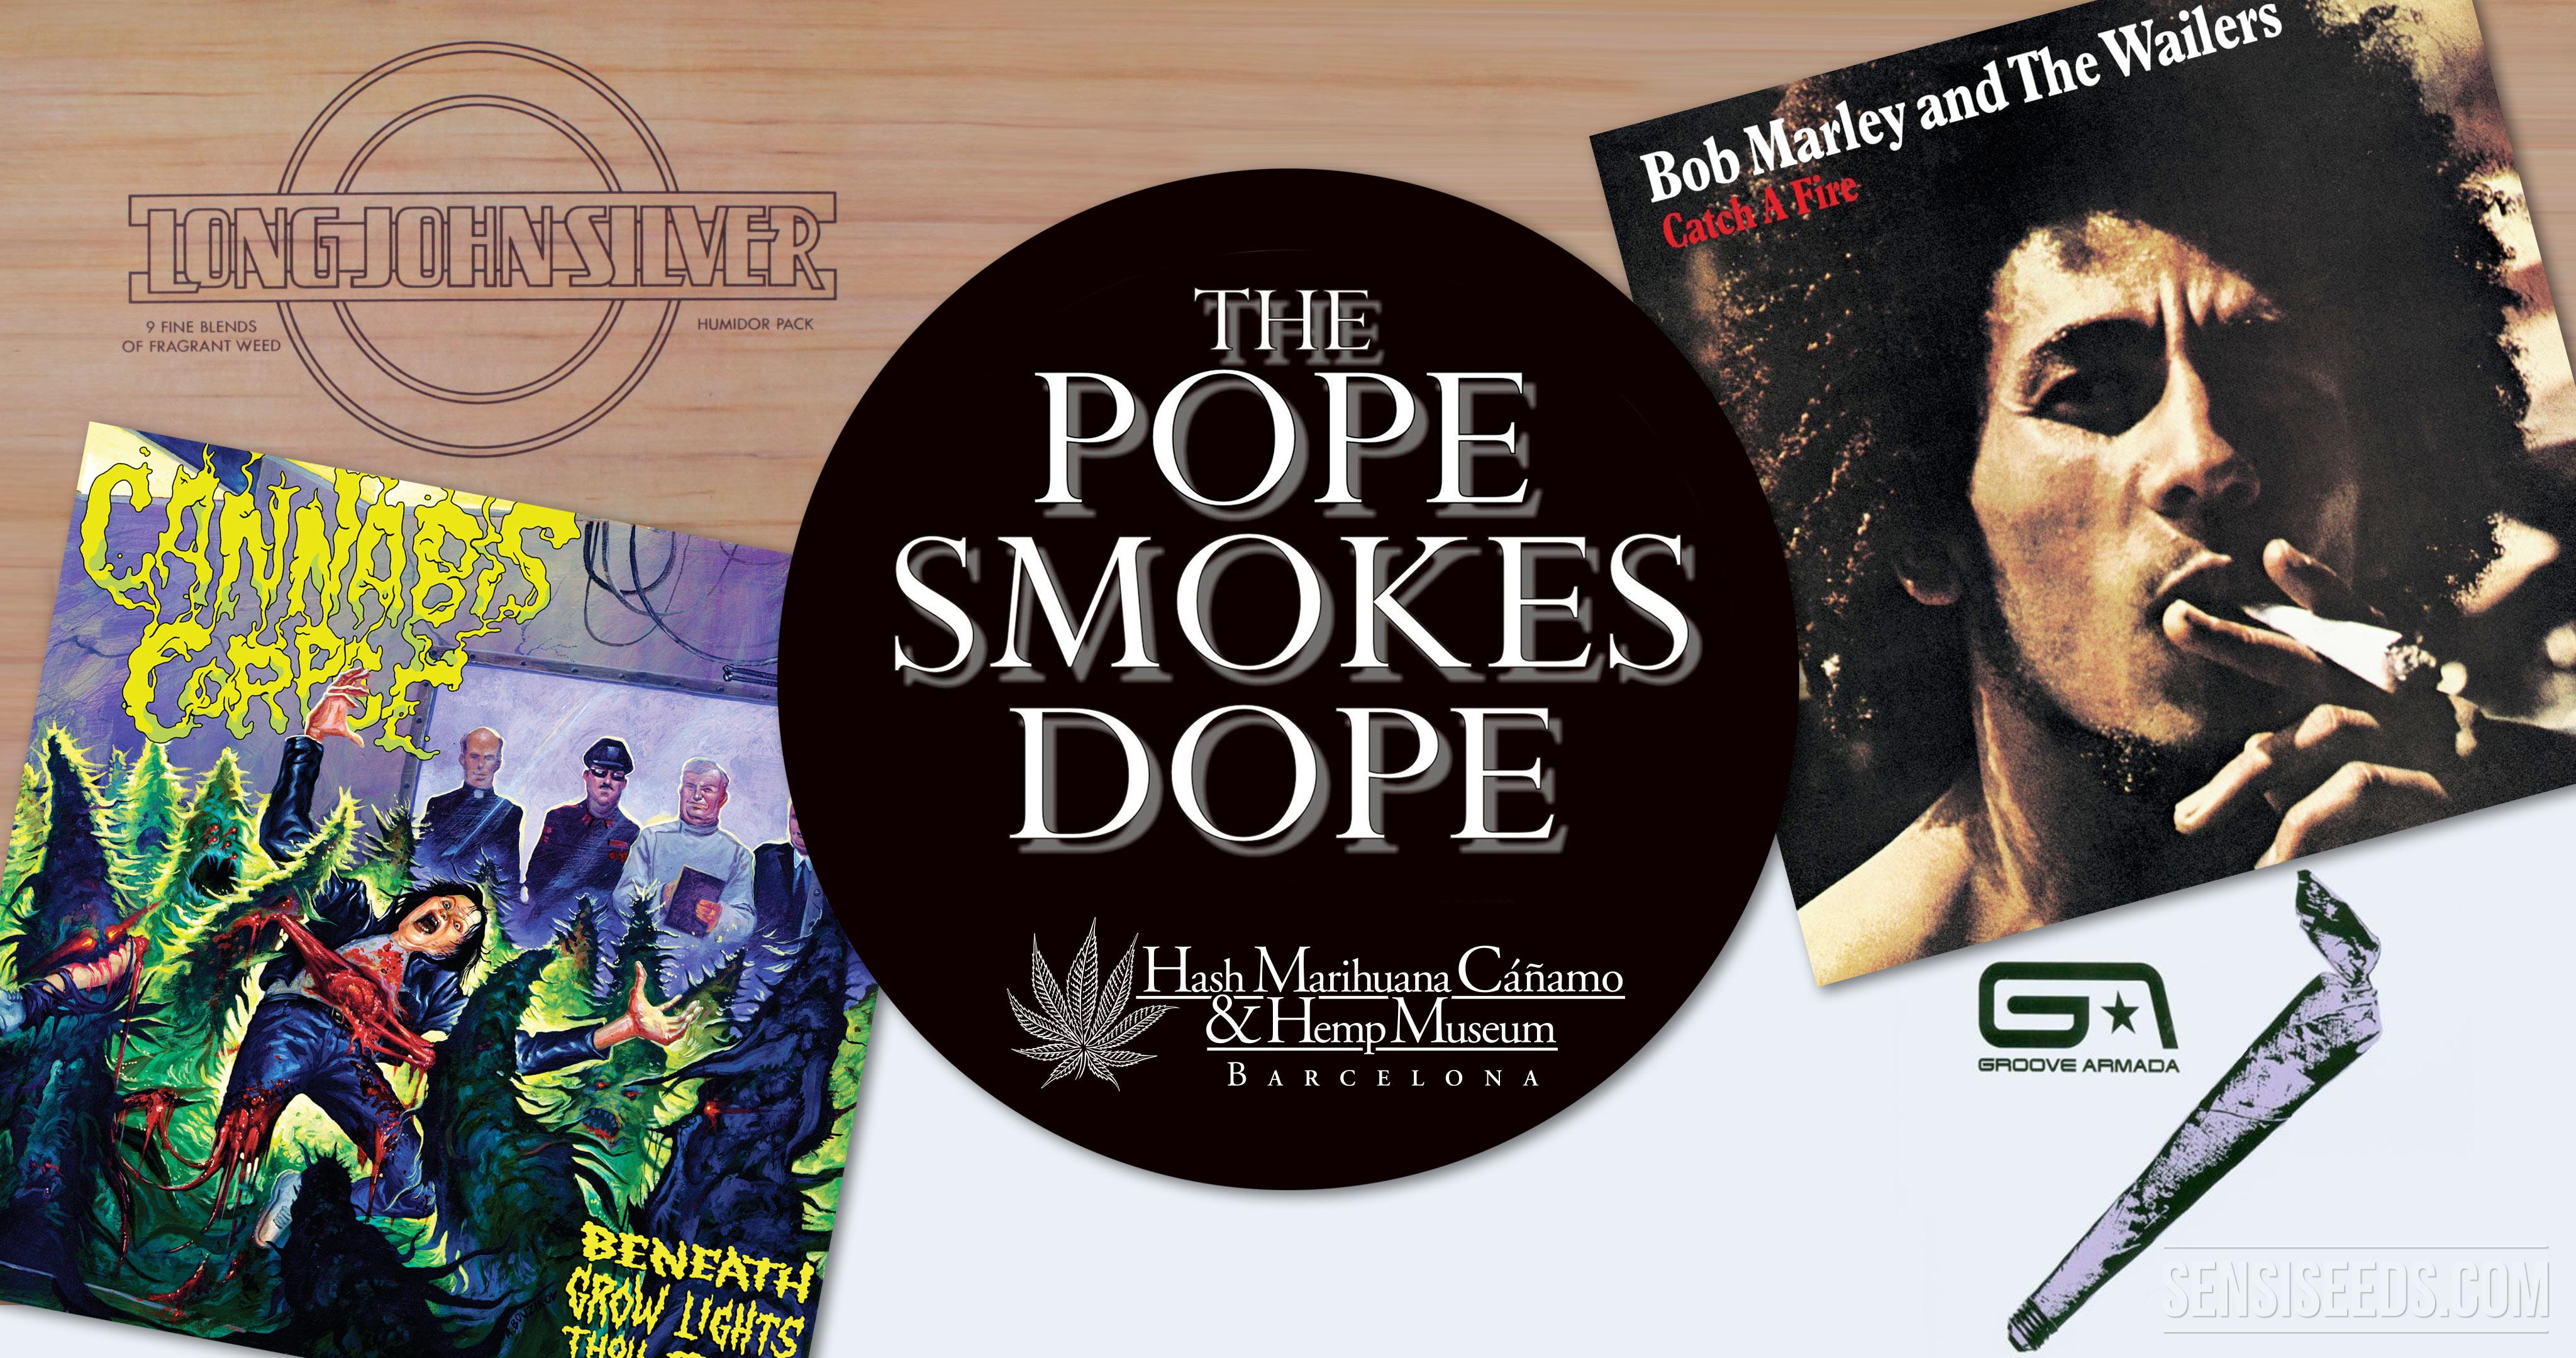 ¿No lo sabías? The Pope Smokes Dope en Barcelona